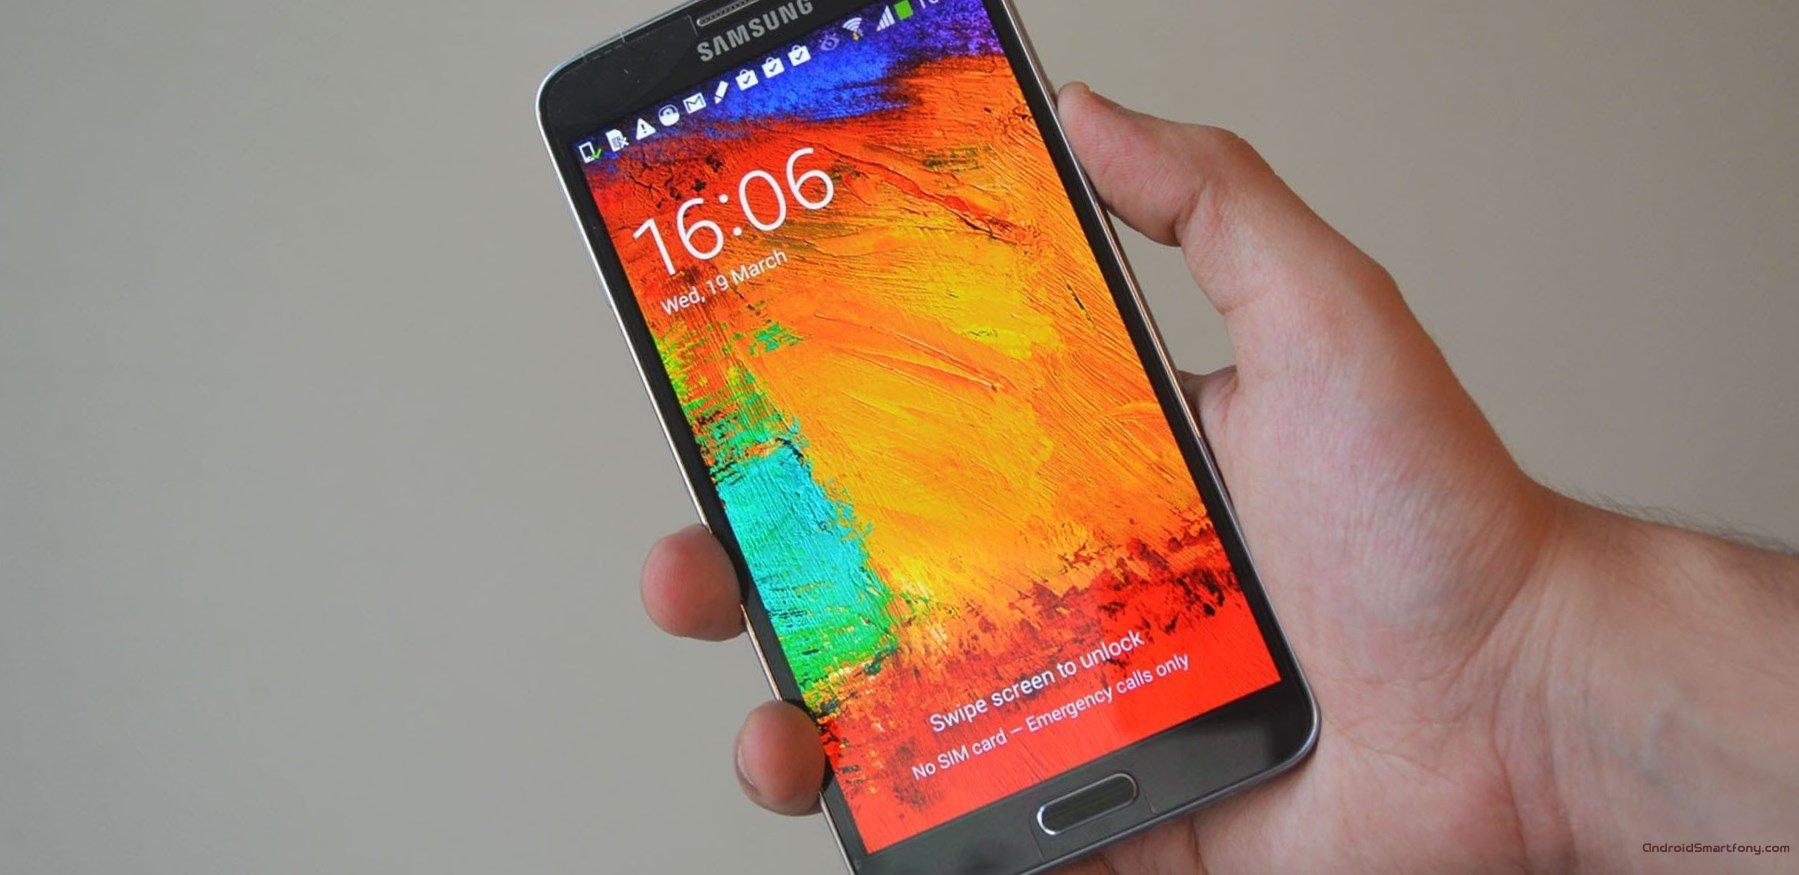 Прошивки для андроид телефонов, смартфонов и планшетов.